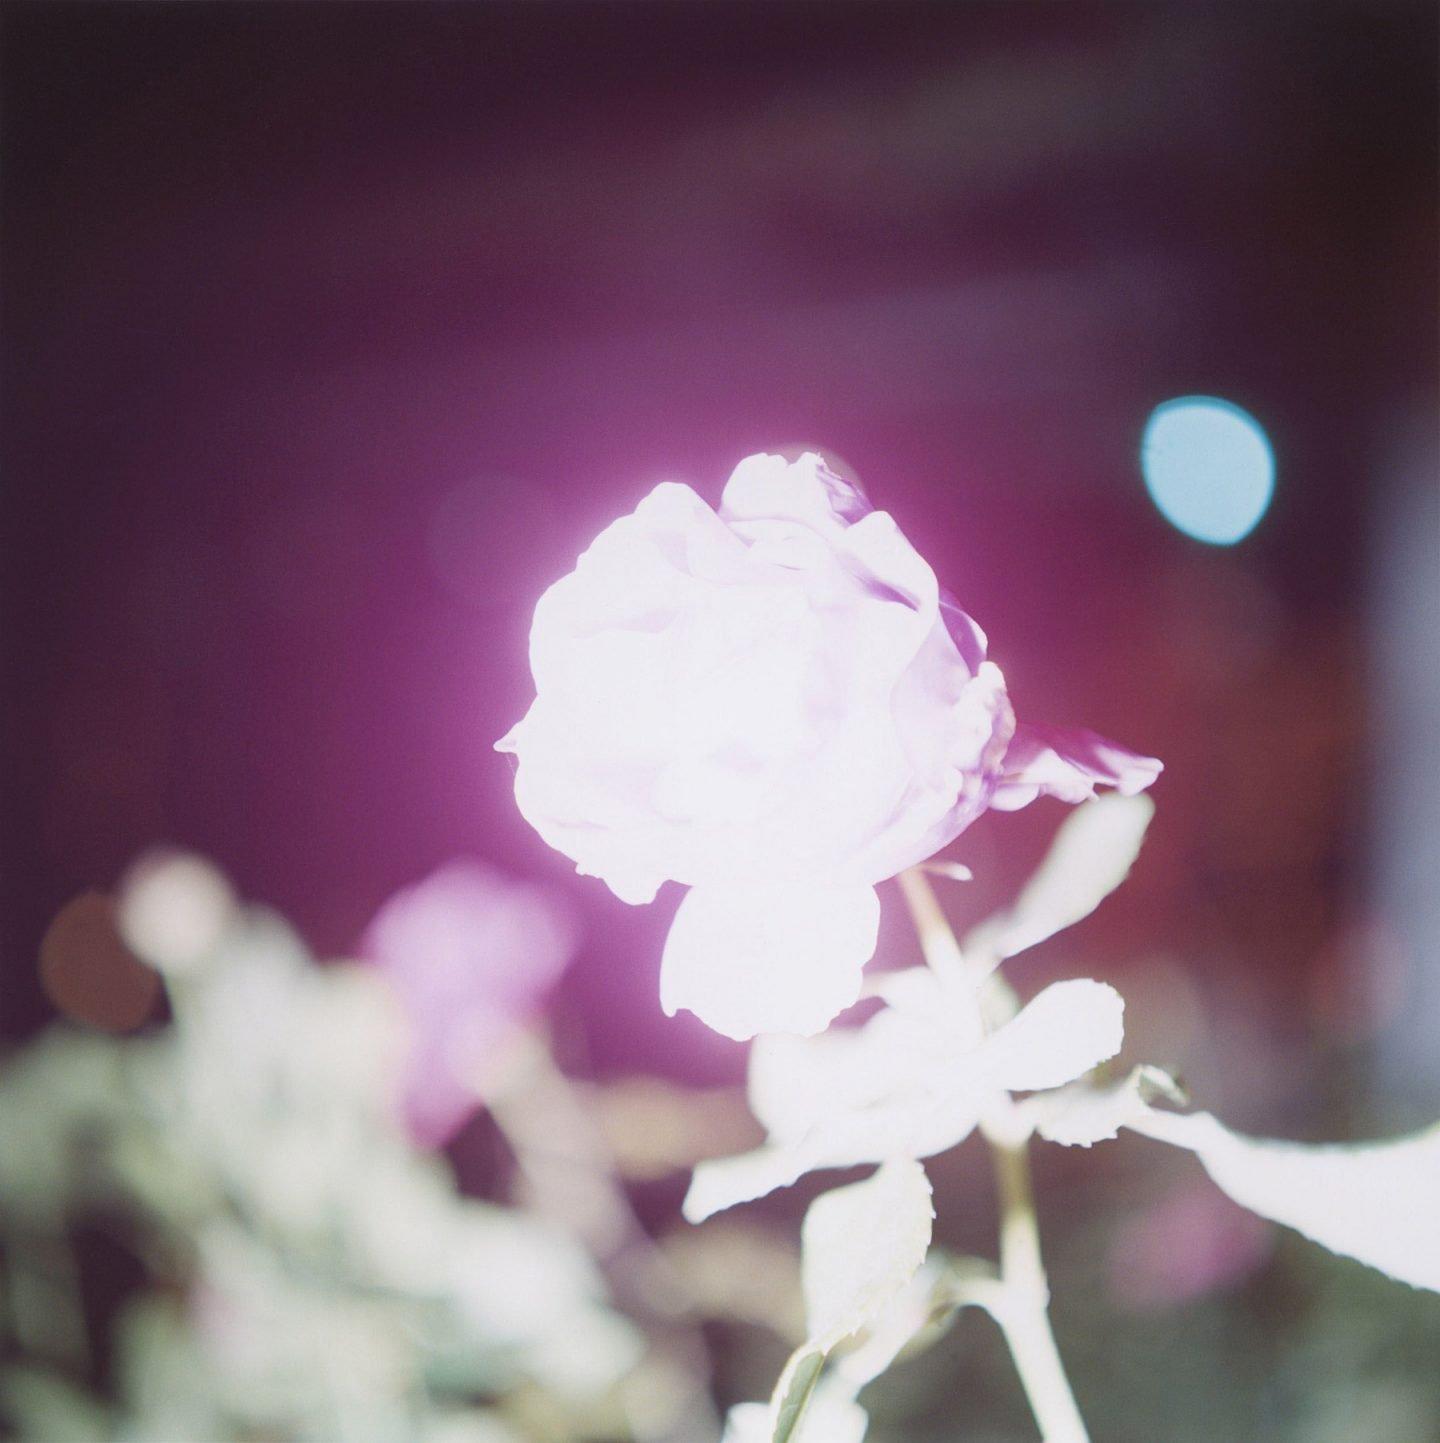 La poesia visiva di Rinko Kawauchi | Collater.al 11